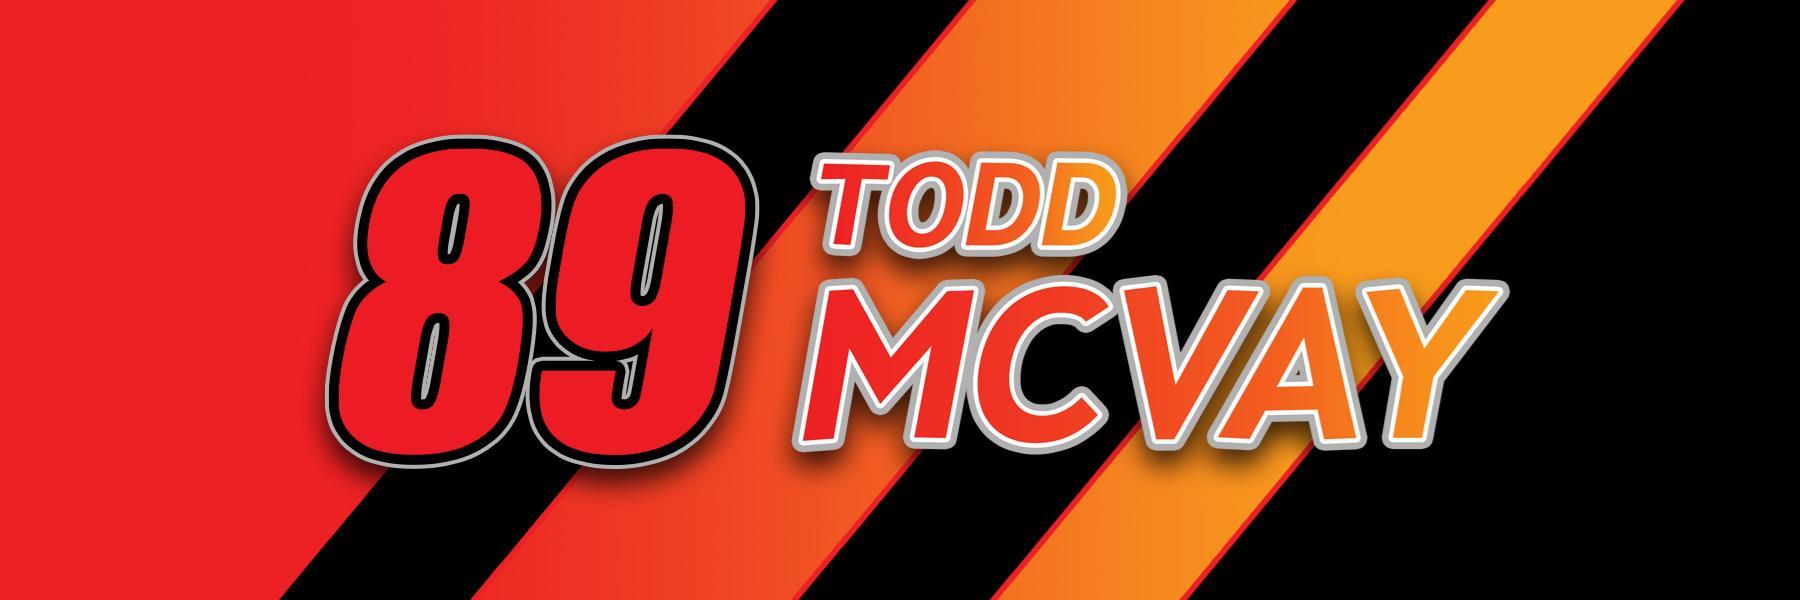 Todd McVay